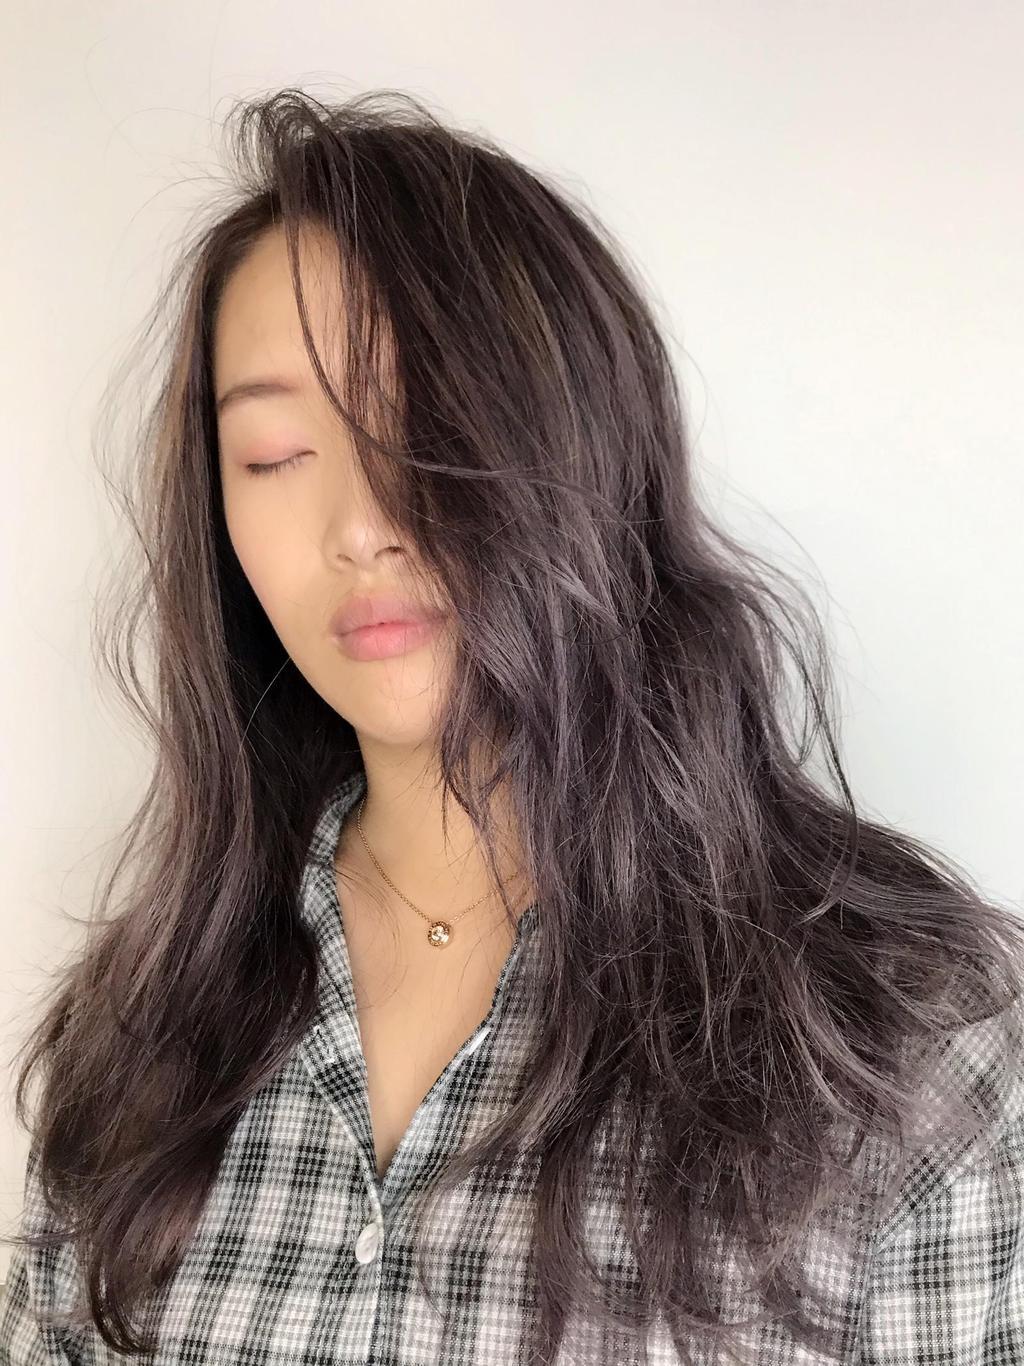 在紫棕髮色中帶有細細的米棕色挑染,讓玫瑰光布朗尼髮色變得更有變化